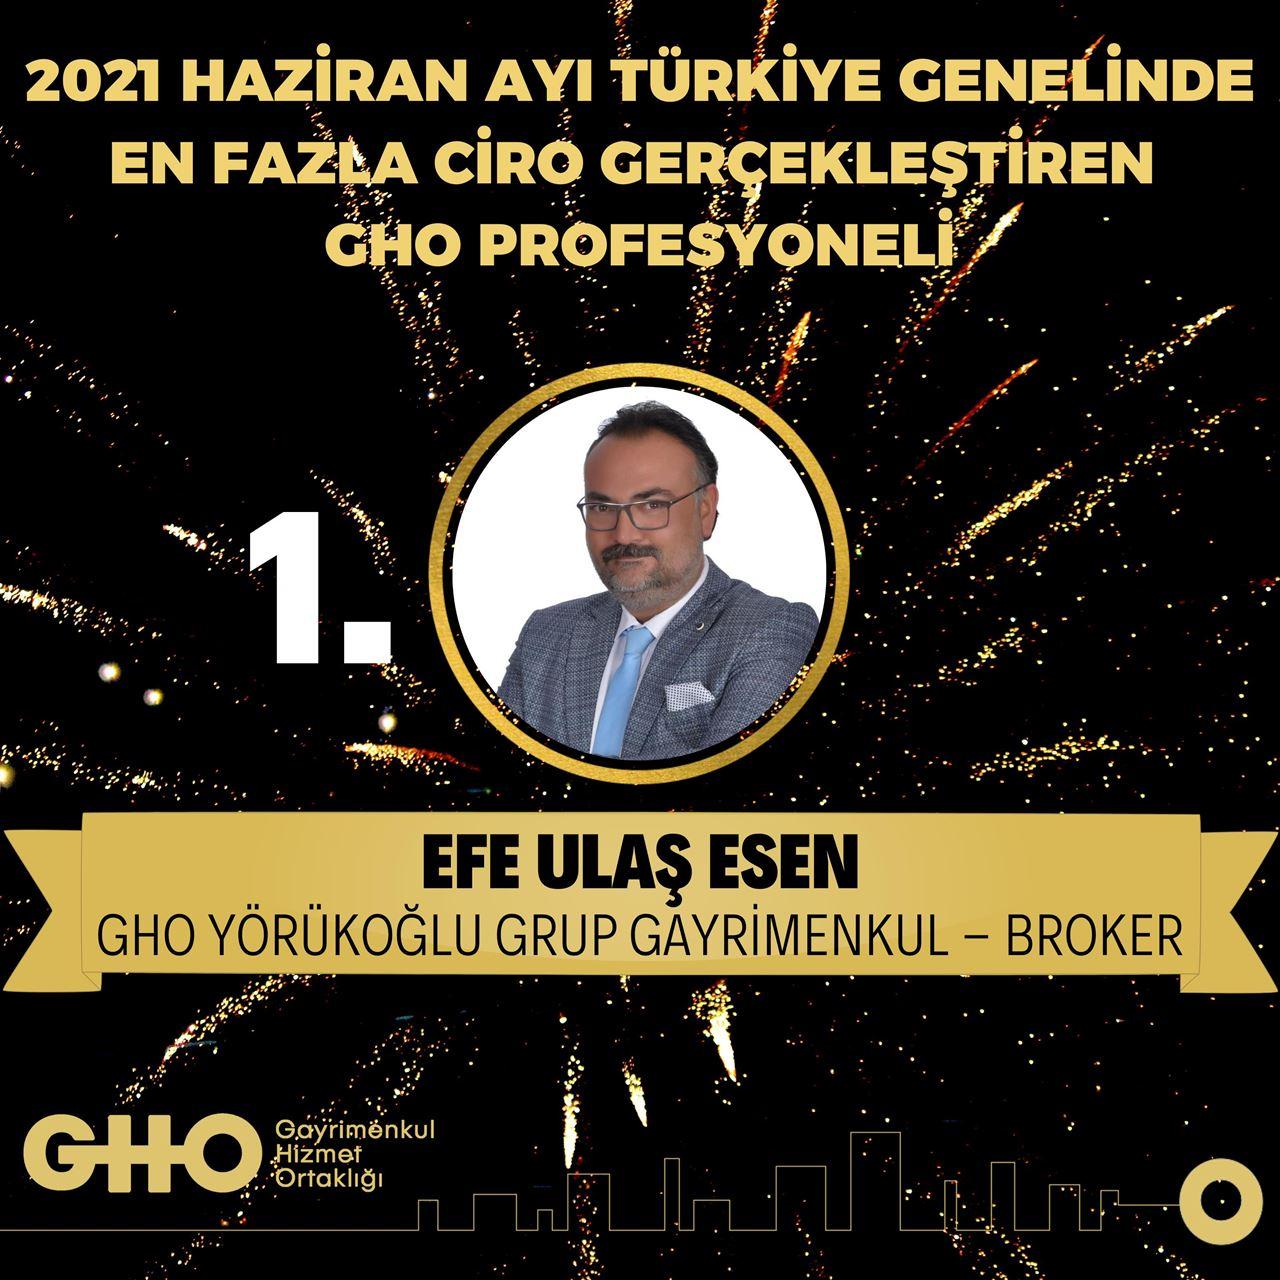 2021 Haziran Ayı Türkiye Geneli En Fazla Ciro Gerçekleştiren GHO Profesyonelleri